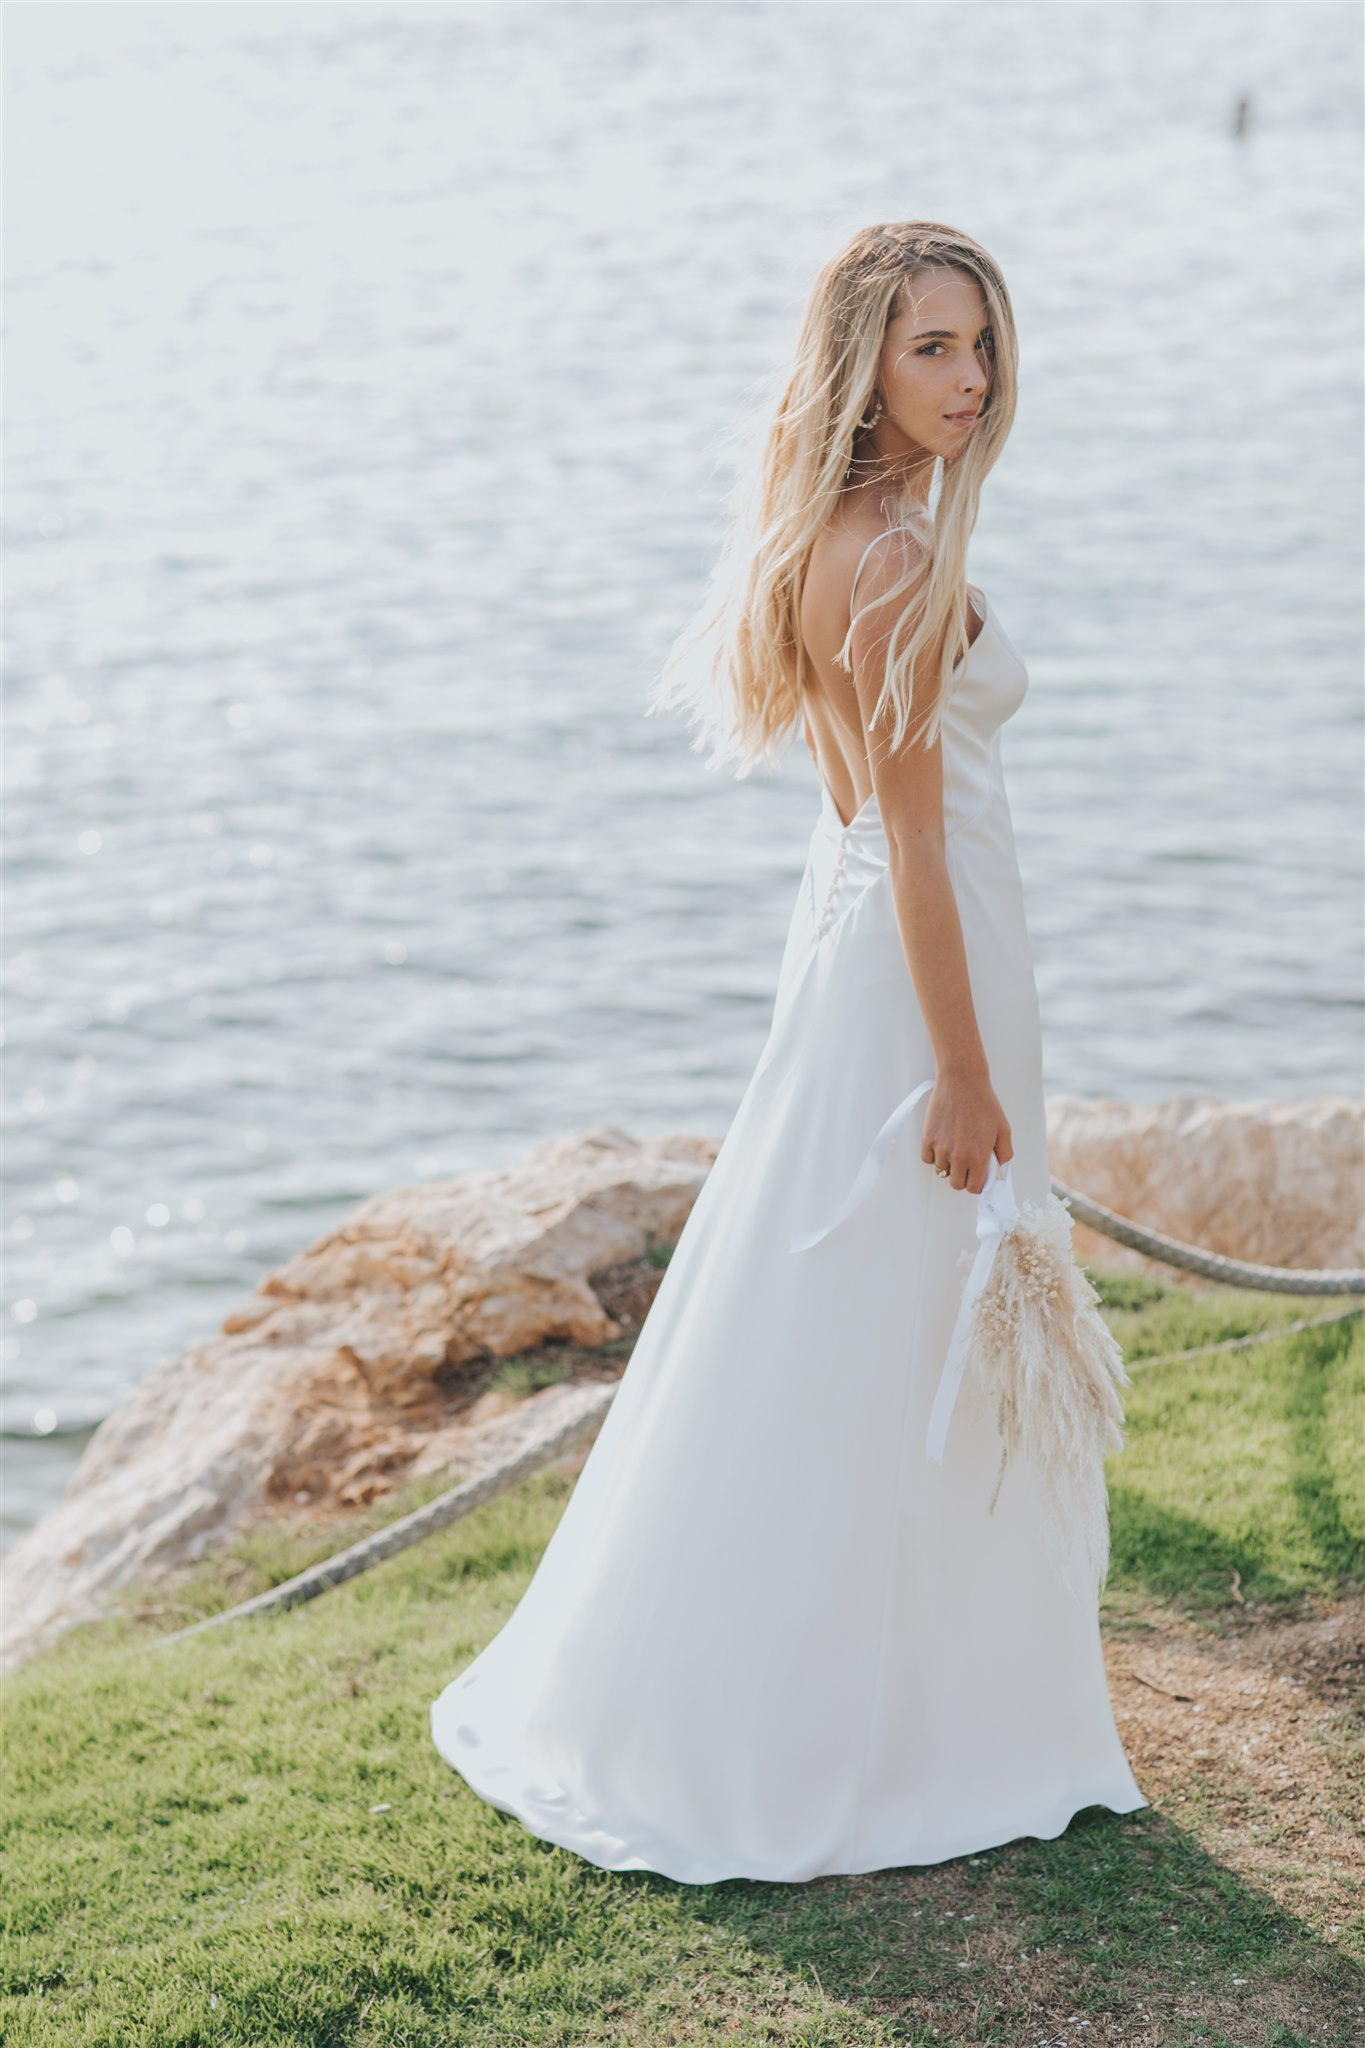 חתונה רומנטית ב״על הים״: עמית ונדב